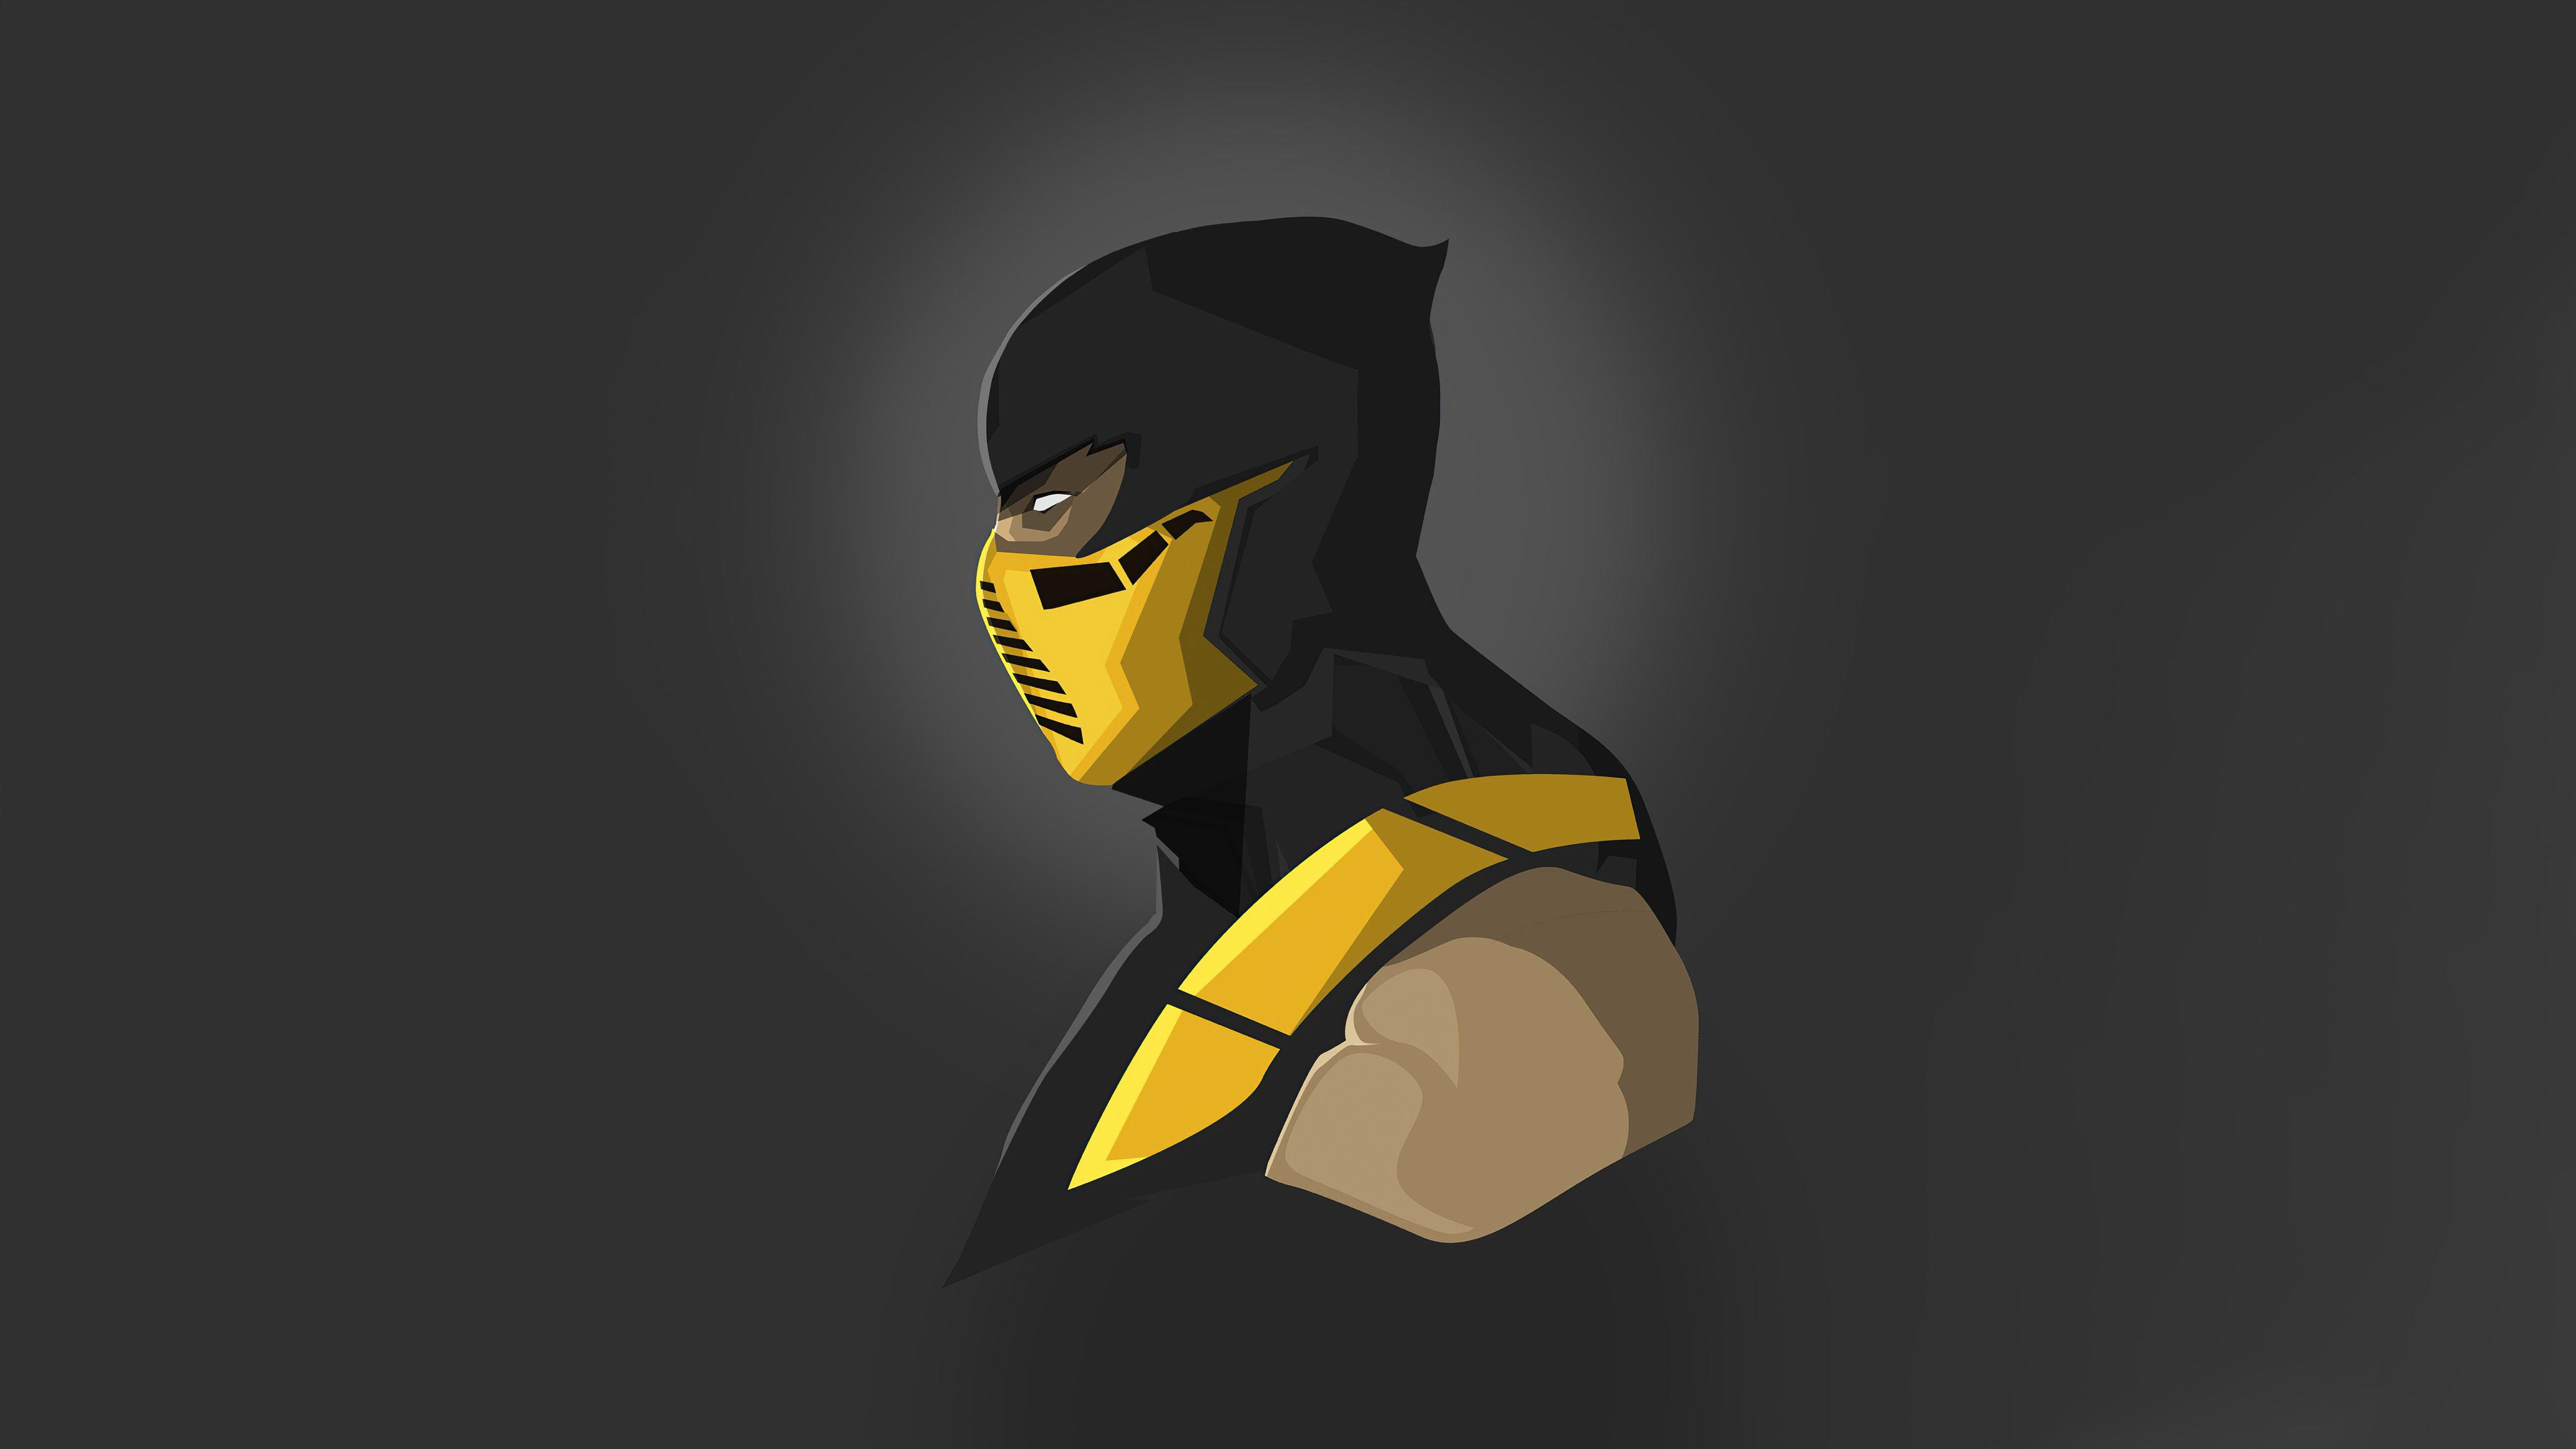 Fondos de pantalla Scorpion de Mortal Kombat Minimalista